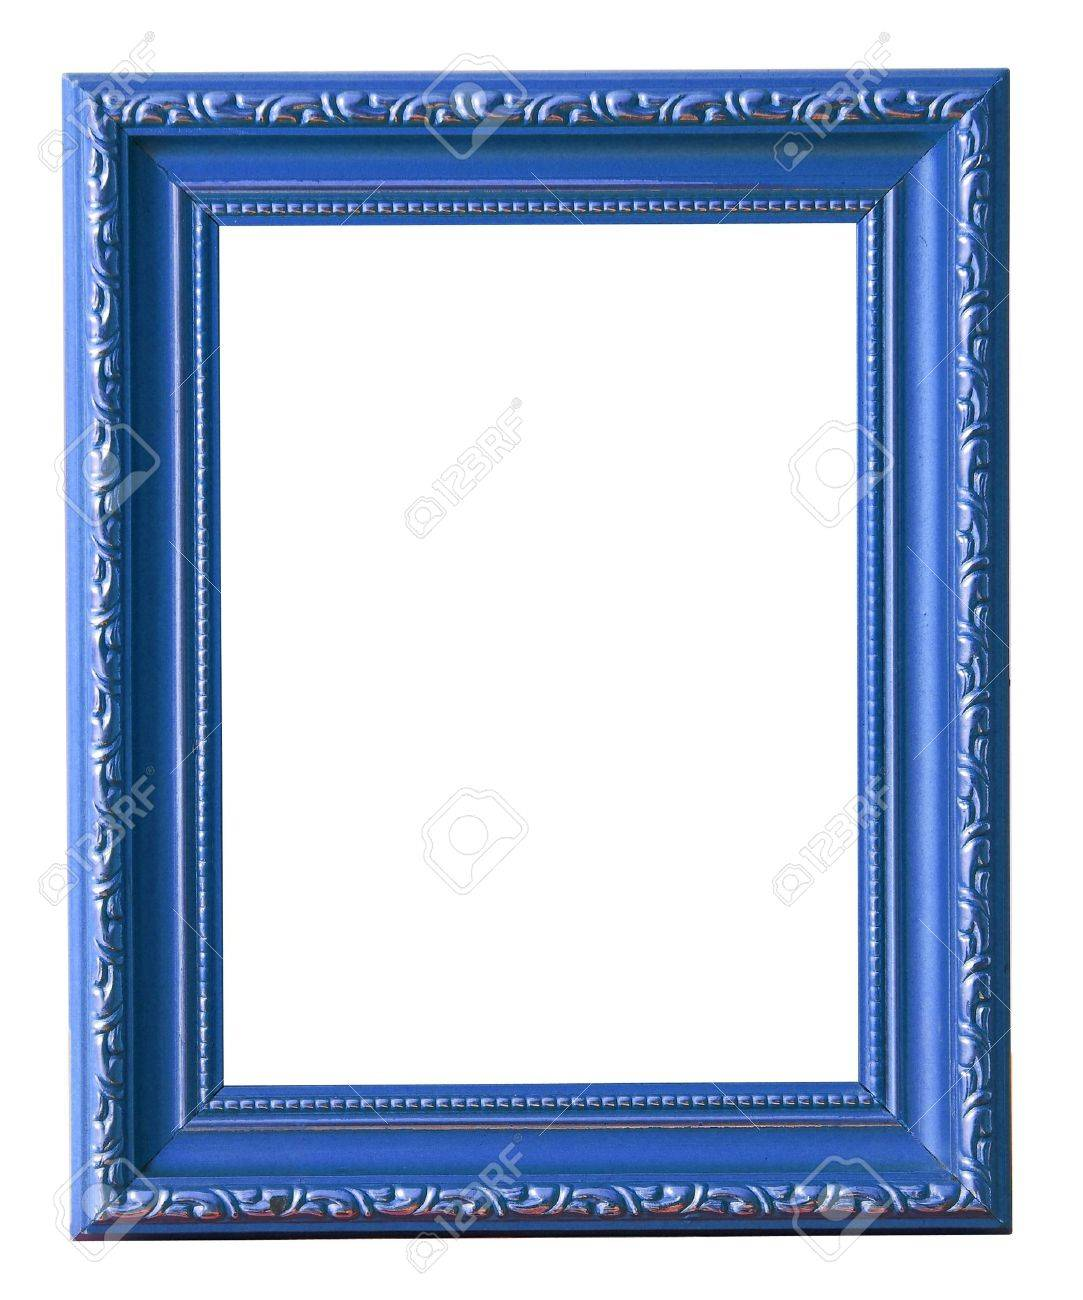 Die Blaue Bilderrahmen Isoliert Auf Weiß Lizenzfreie Fotos, Bilder ...